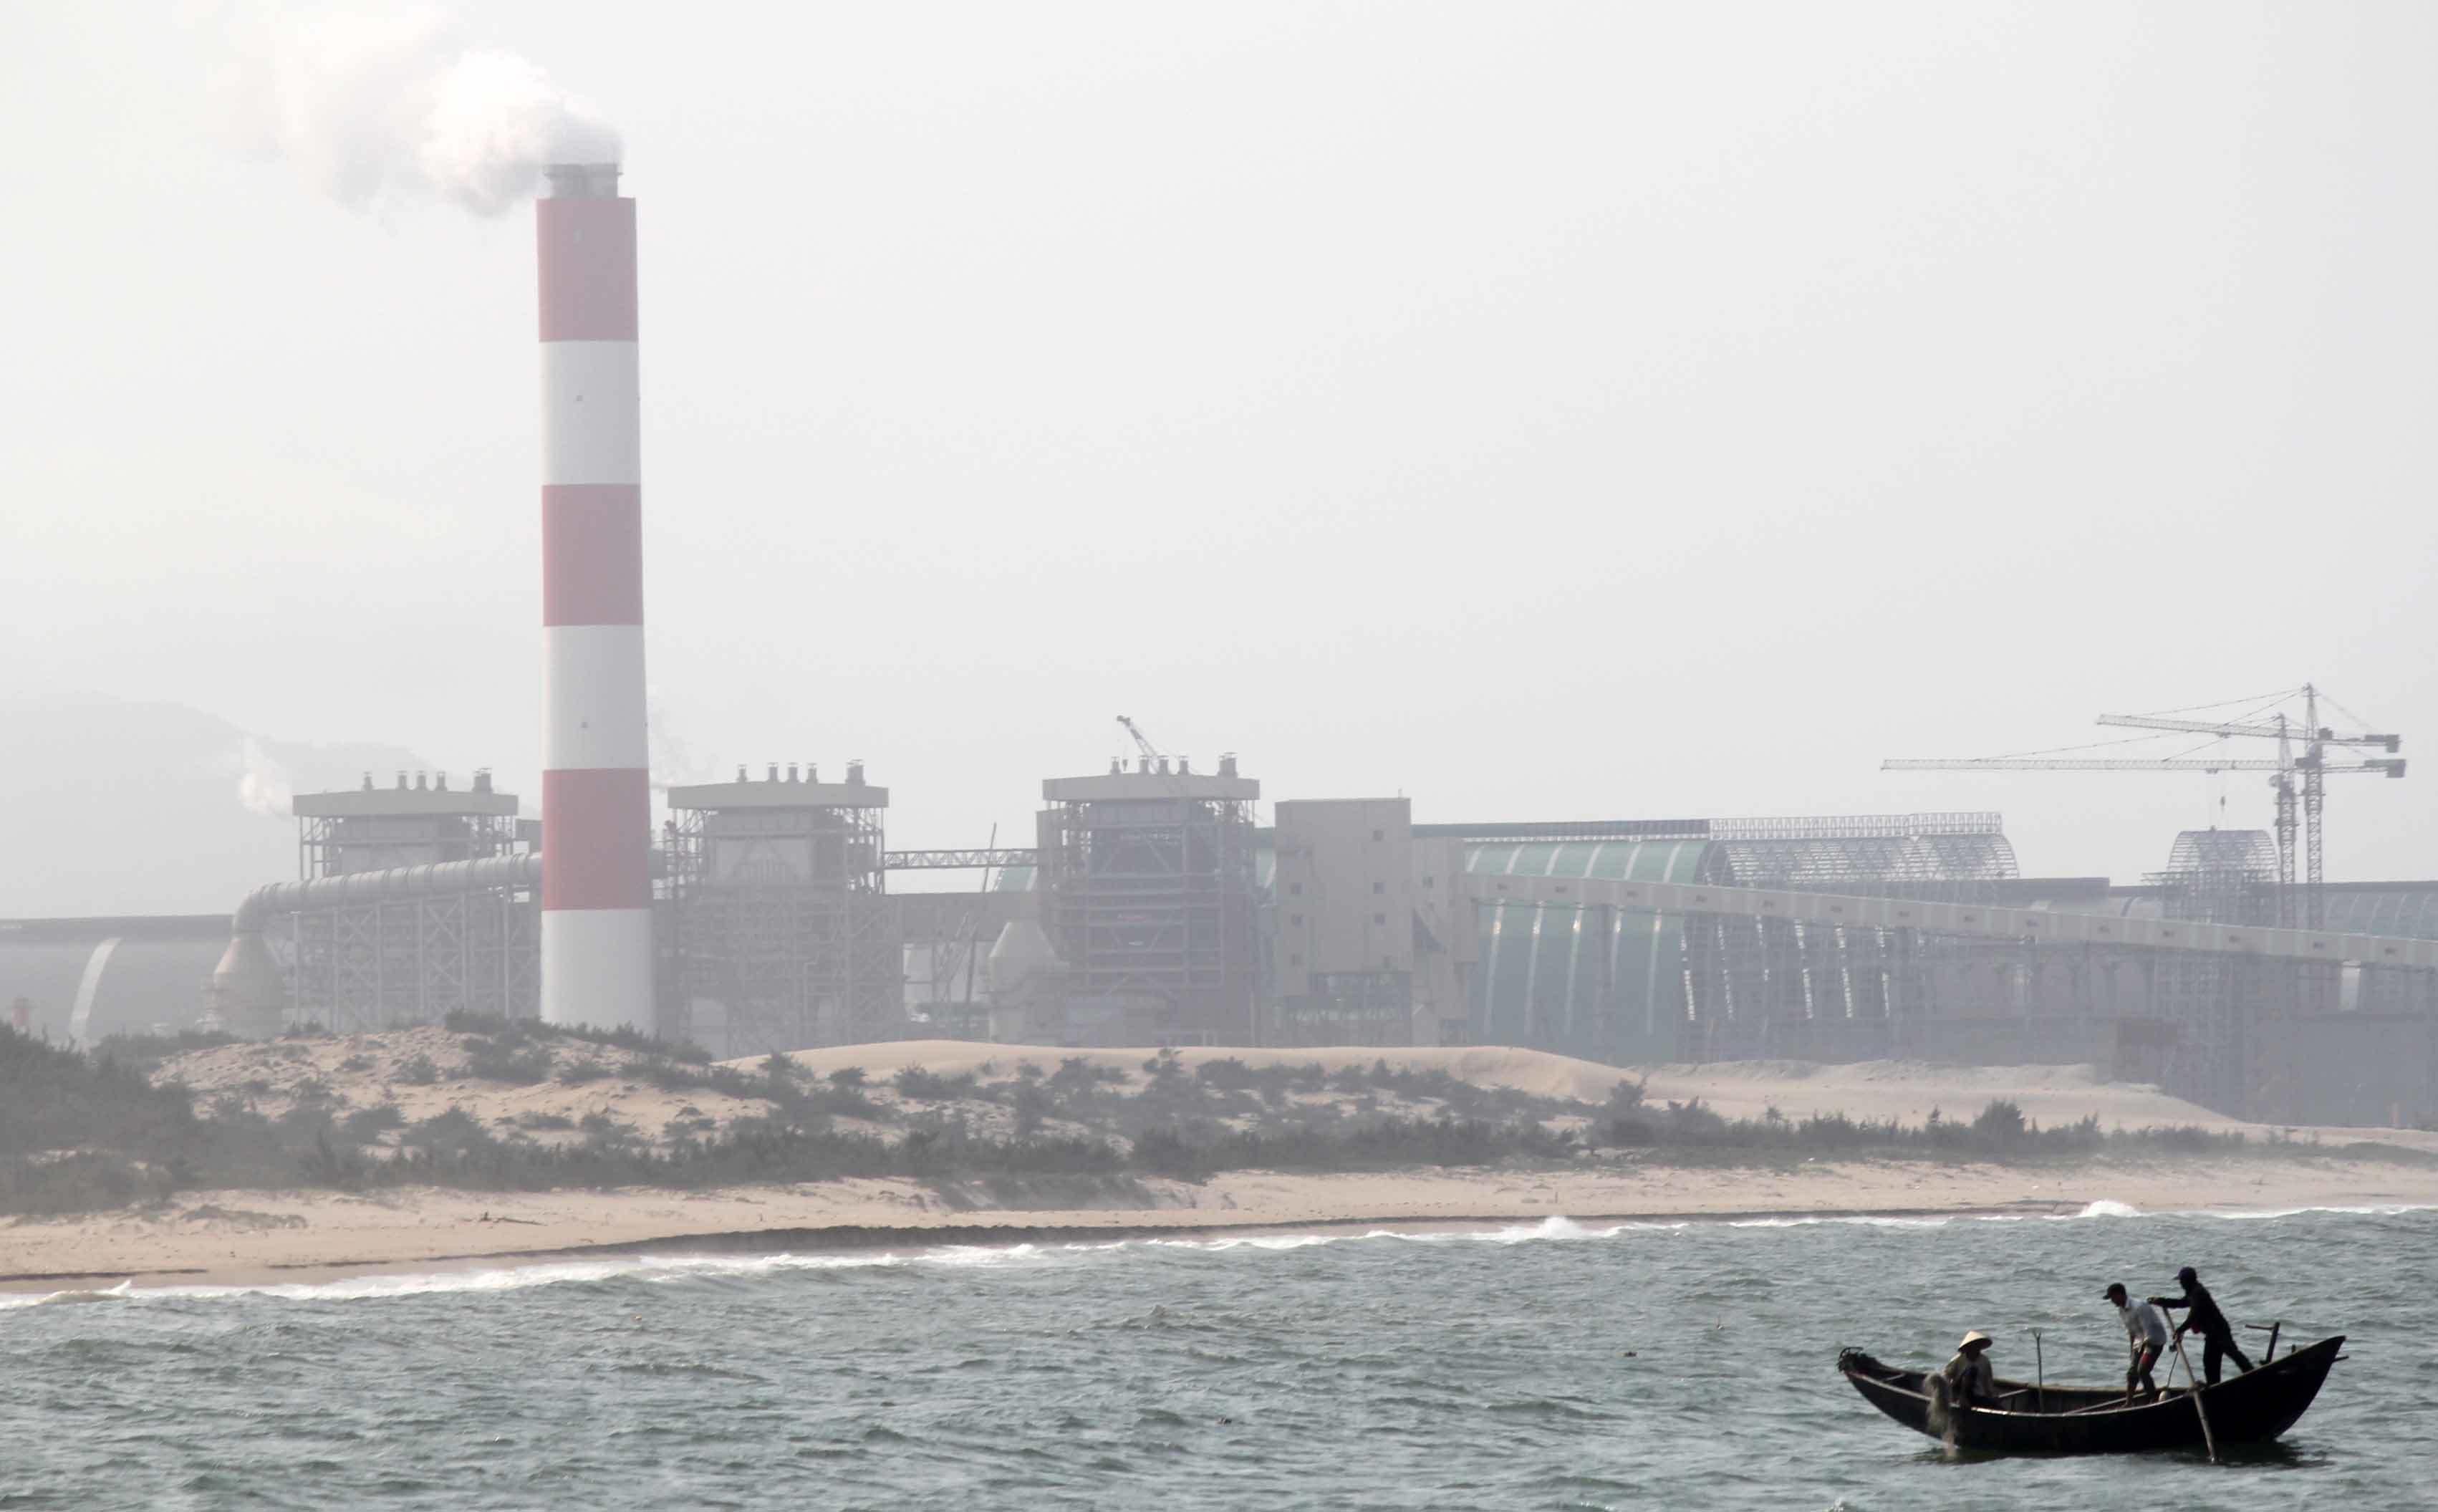 Yêu cầu Formosa đặc biệt lưu ý môi trường trong bão